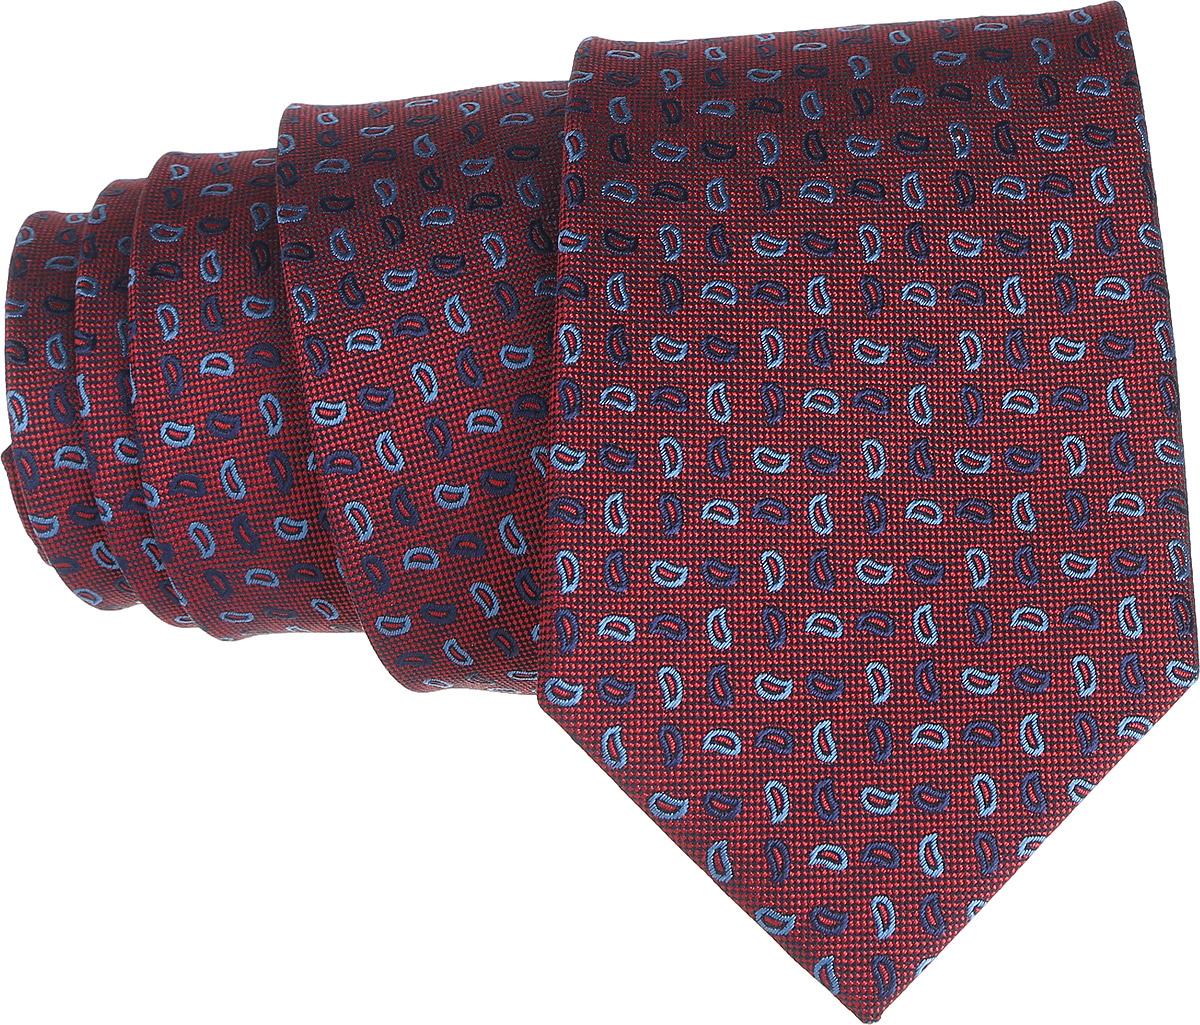 Галстук. 12.01851312.018512Стильный галстук BTC станет отличным завершающим штрихом вашего образа. Этот модный аксессуар порадует вас высоким качеством исполнения и современным дизайном. Изделие полностью выполнено из качественного полиэстера. Галстук оформлен оригинальным принтом. Такой оригинальный галстук подойдет как к повседневному, так и к официальному наряду, он позволит вам подчеркнуть свою индивидуальность и создать свой неповторимый стиль.